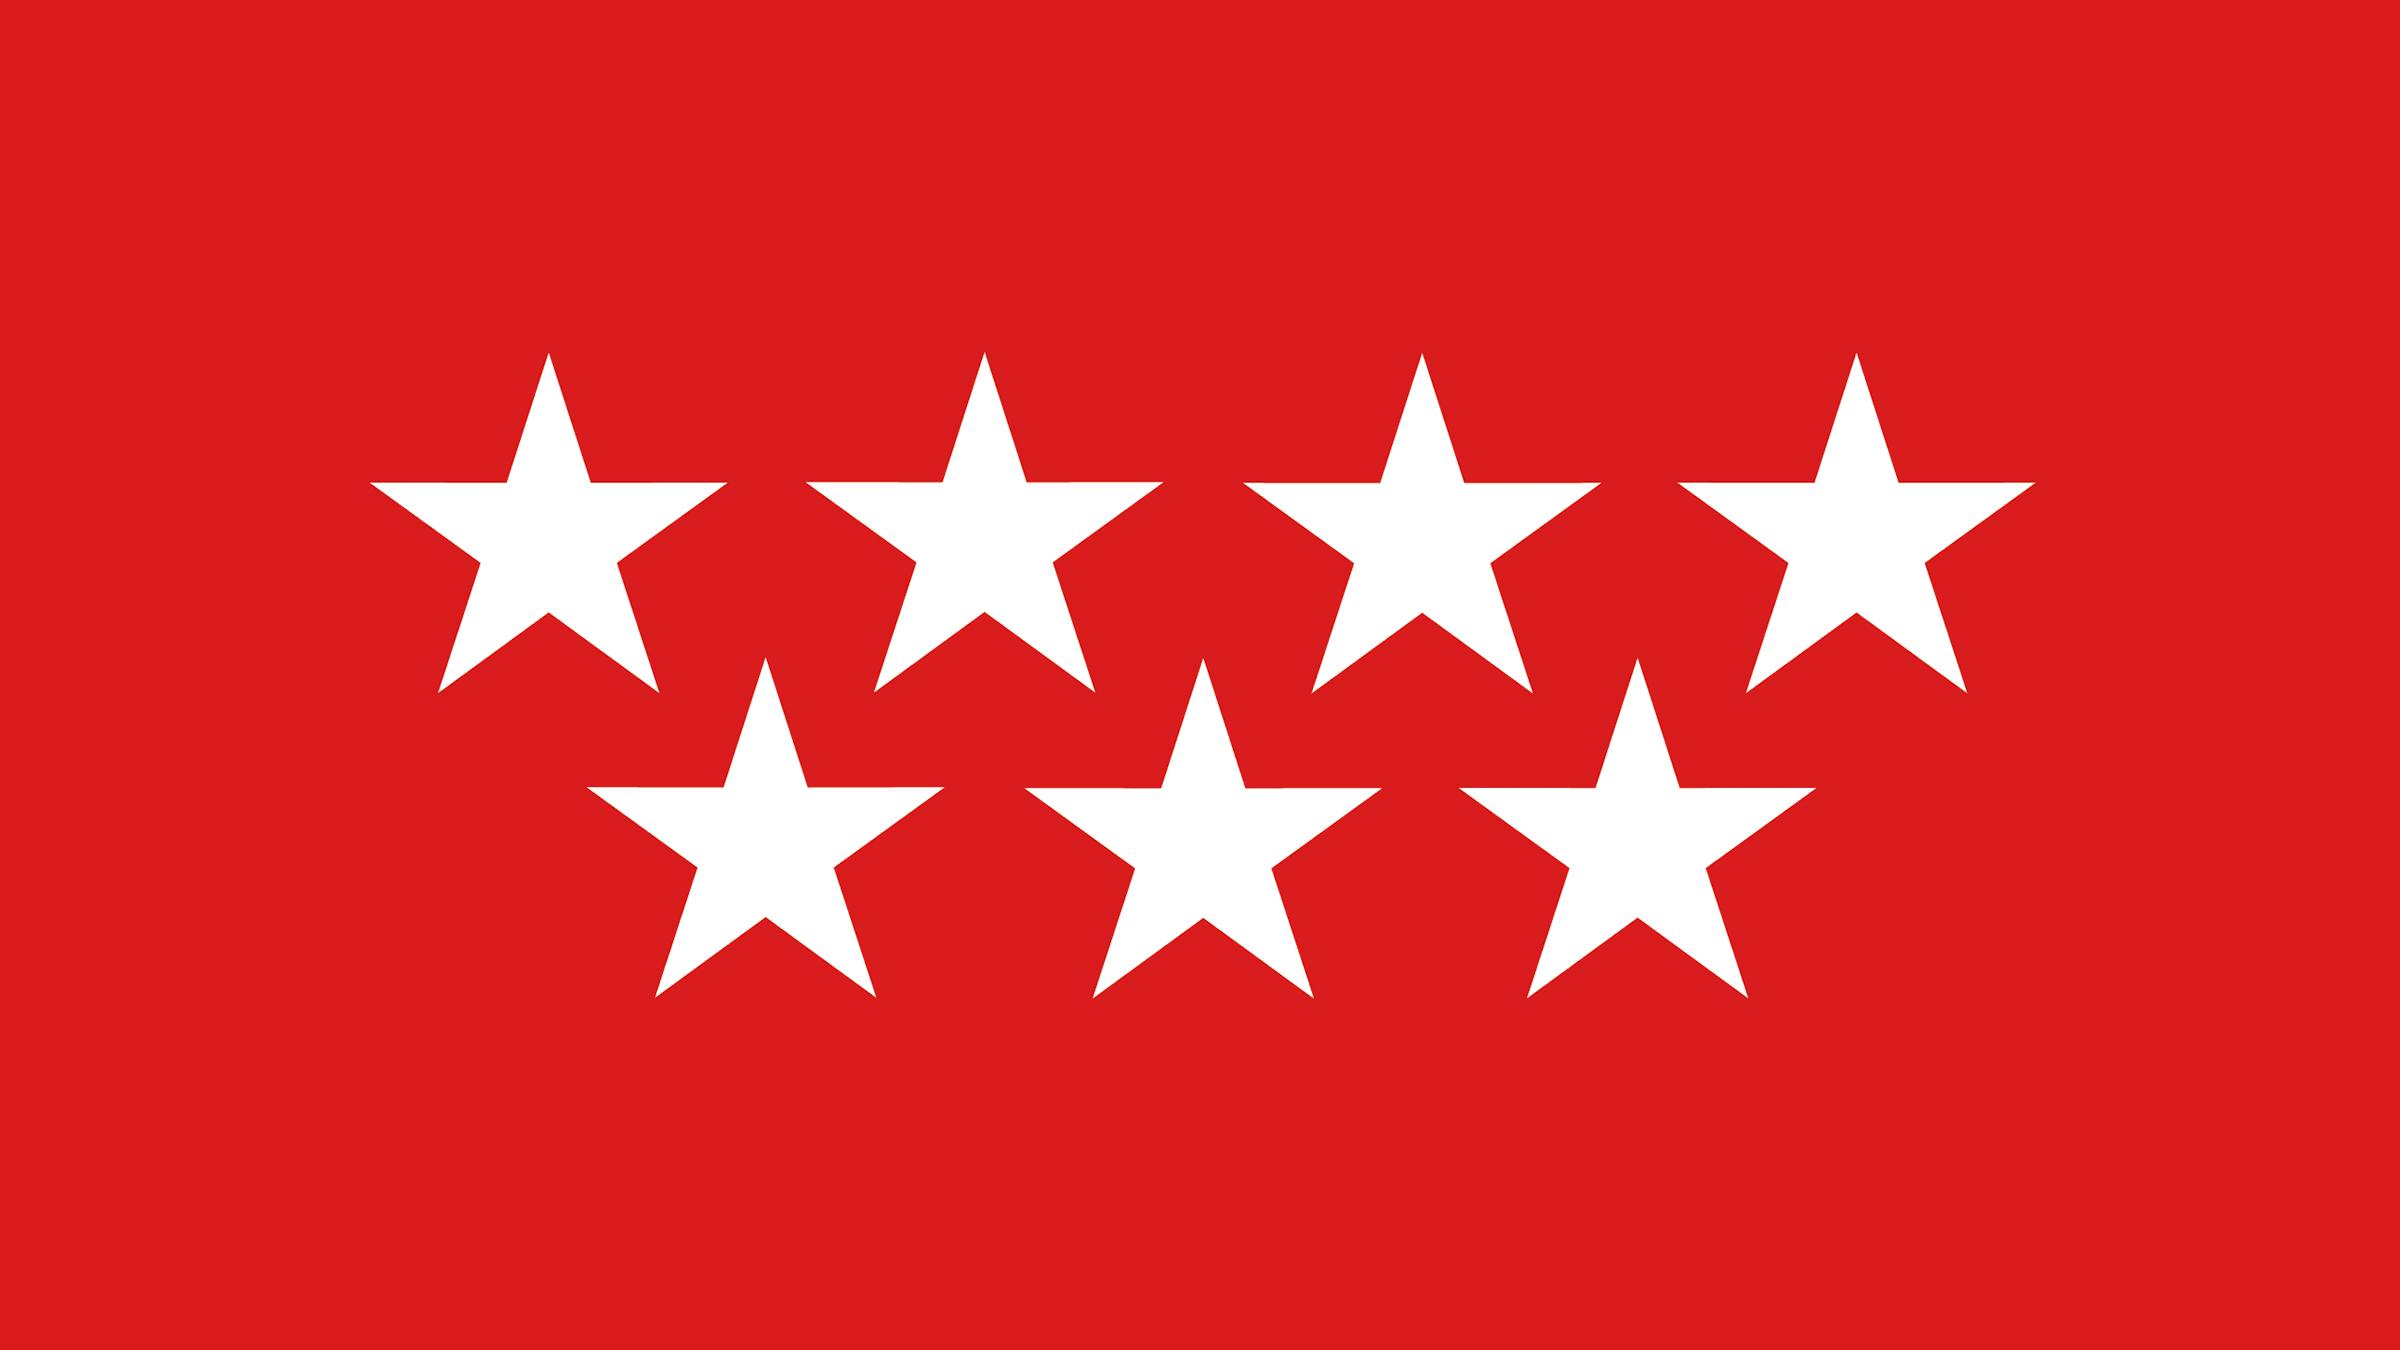 Las estrellas de la bandera de Madrid | Banderas y escudos ...